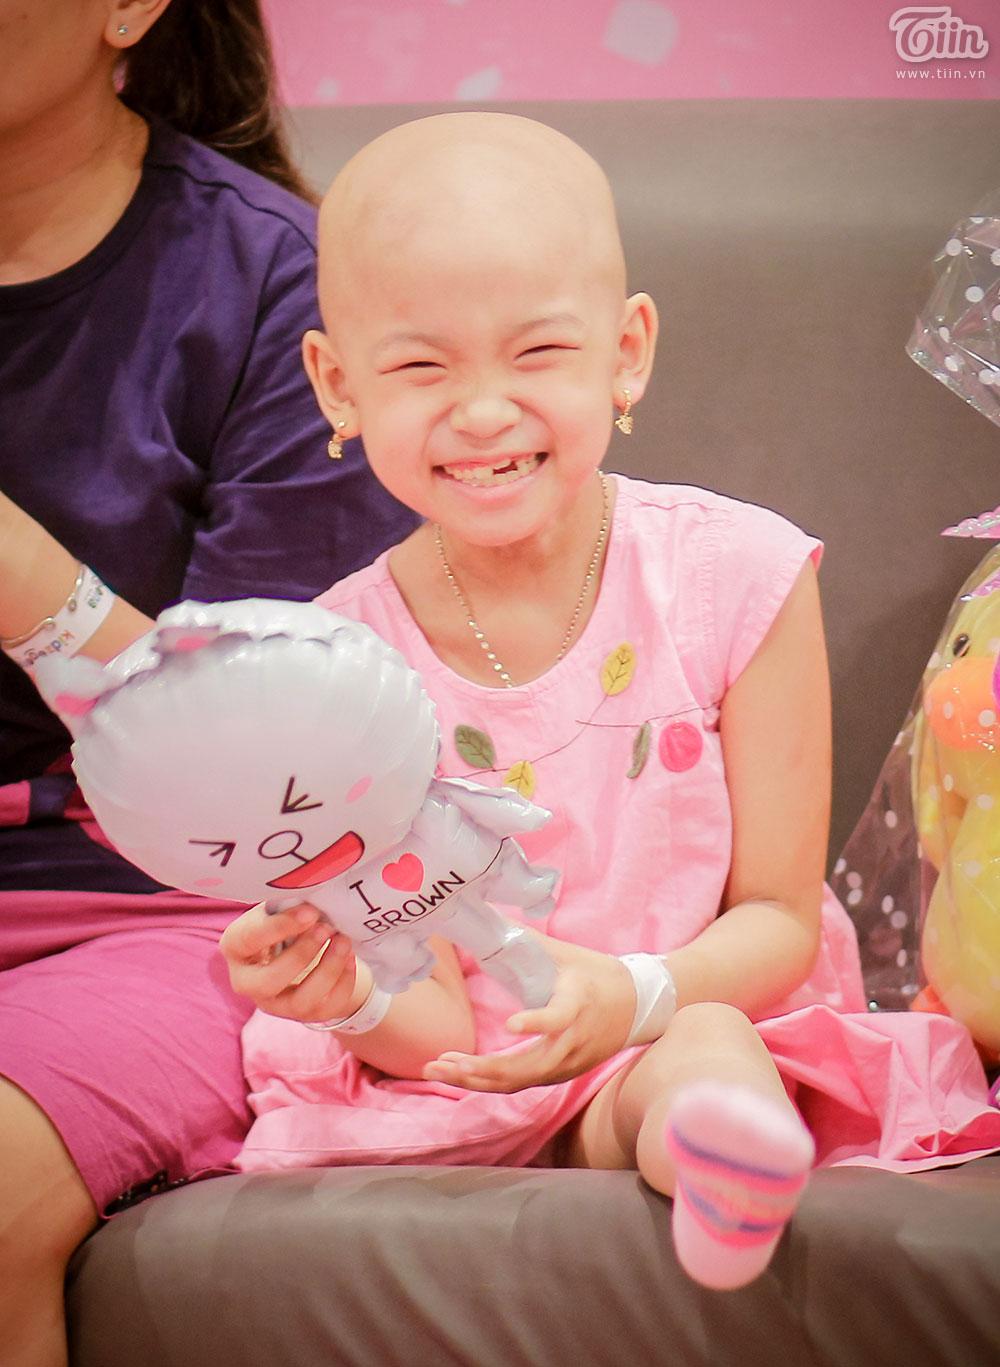 Một ngày khác của cô bé ung thư bị mất 1 chân và mẹ: 'Đã lâu rồi con mới cười vui như vậy' 14